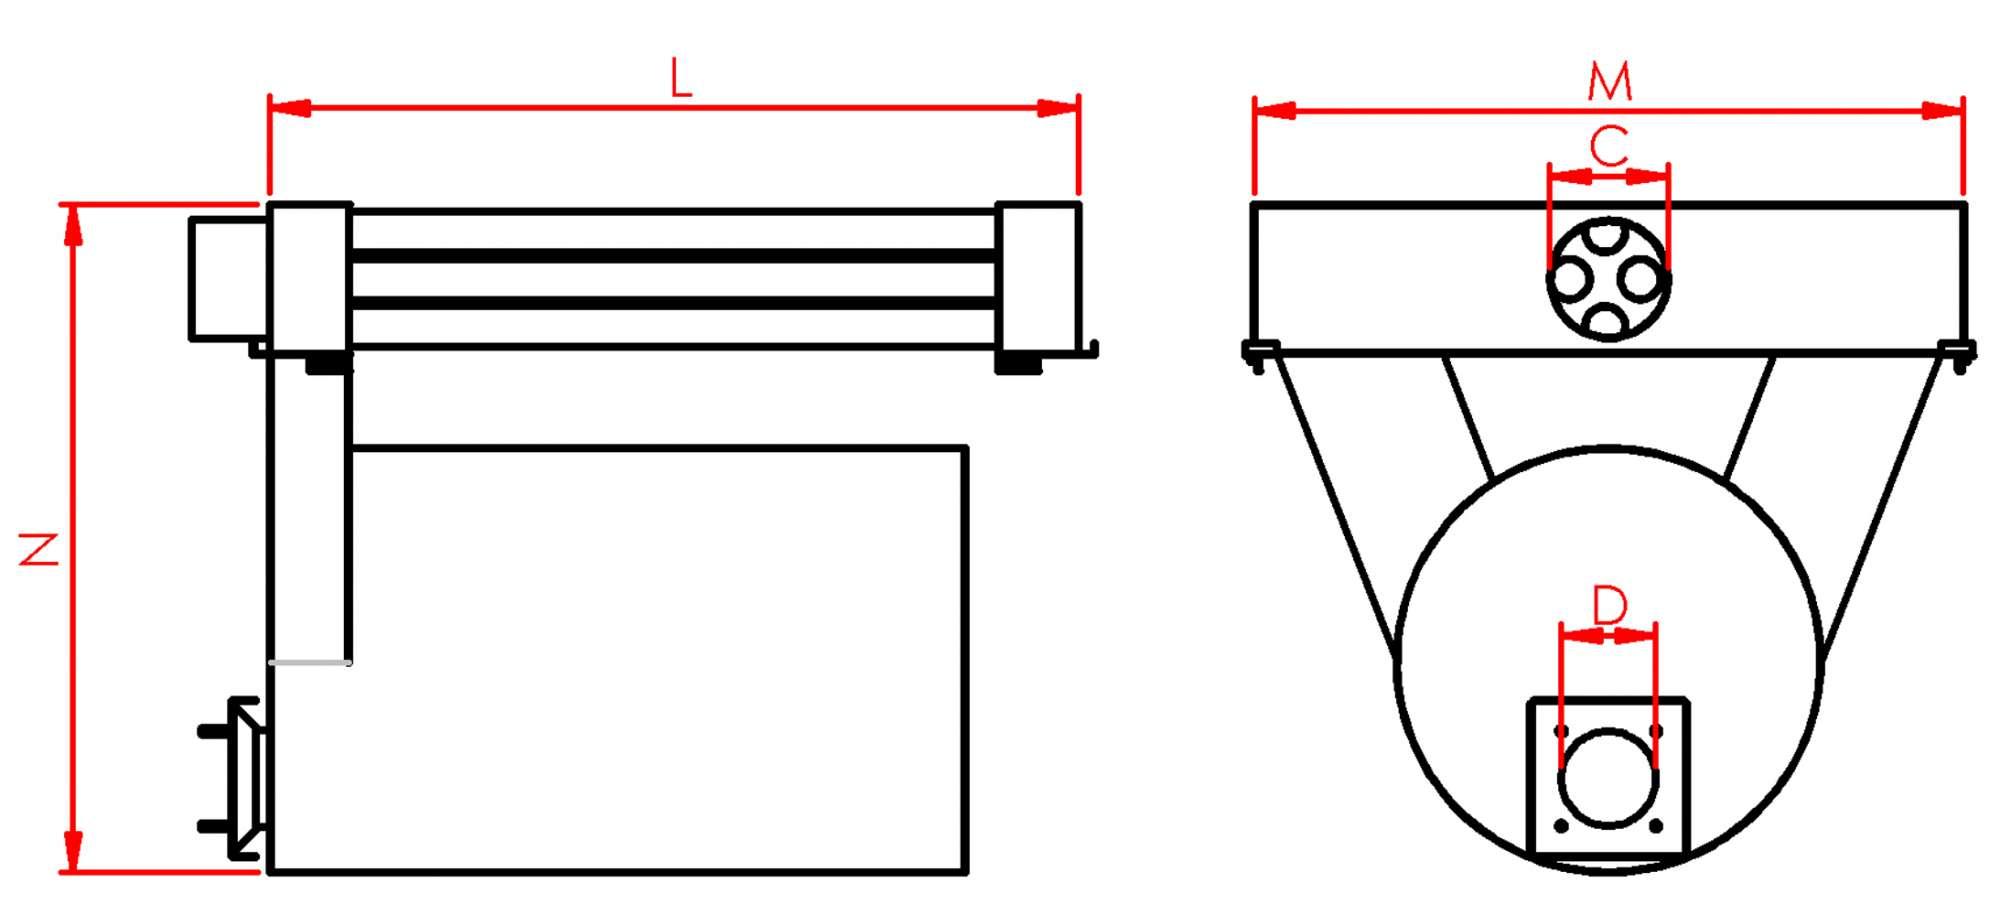 Теплообменник ростов камера прокладки под теплообменник астра g